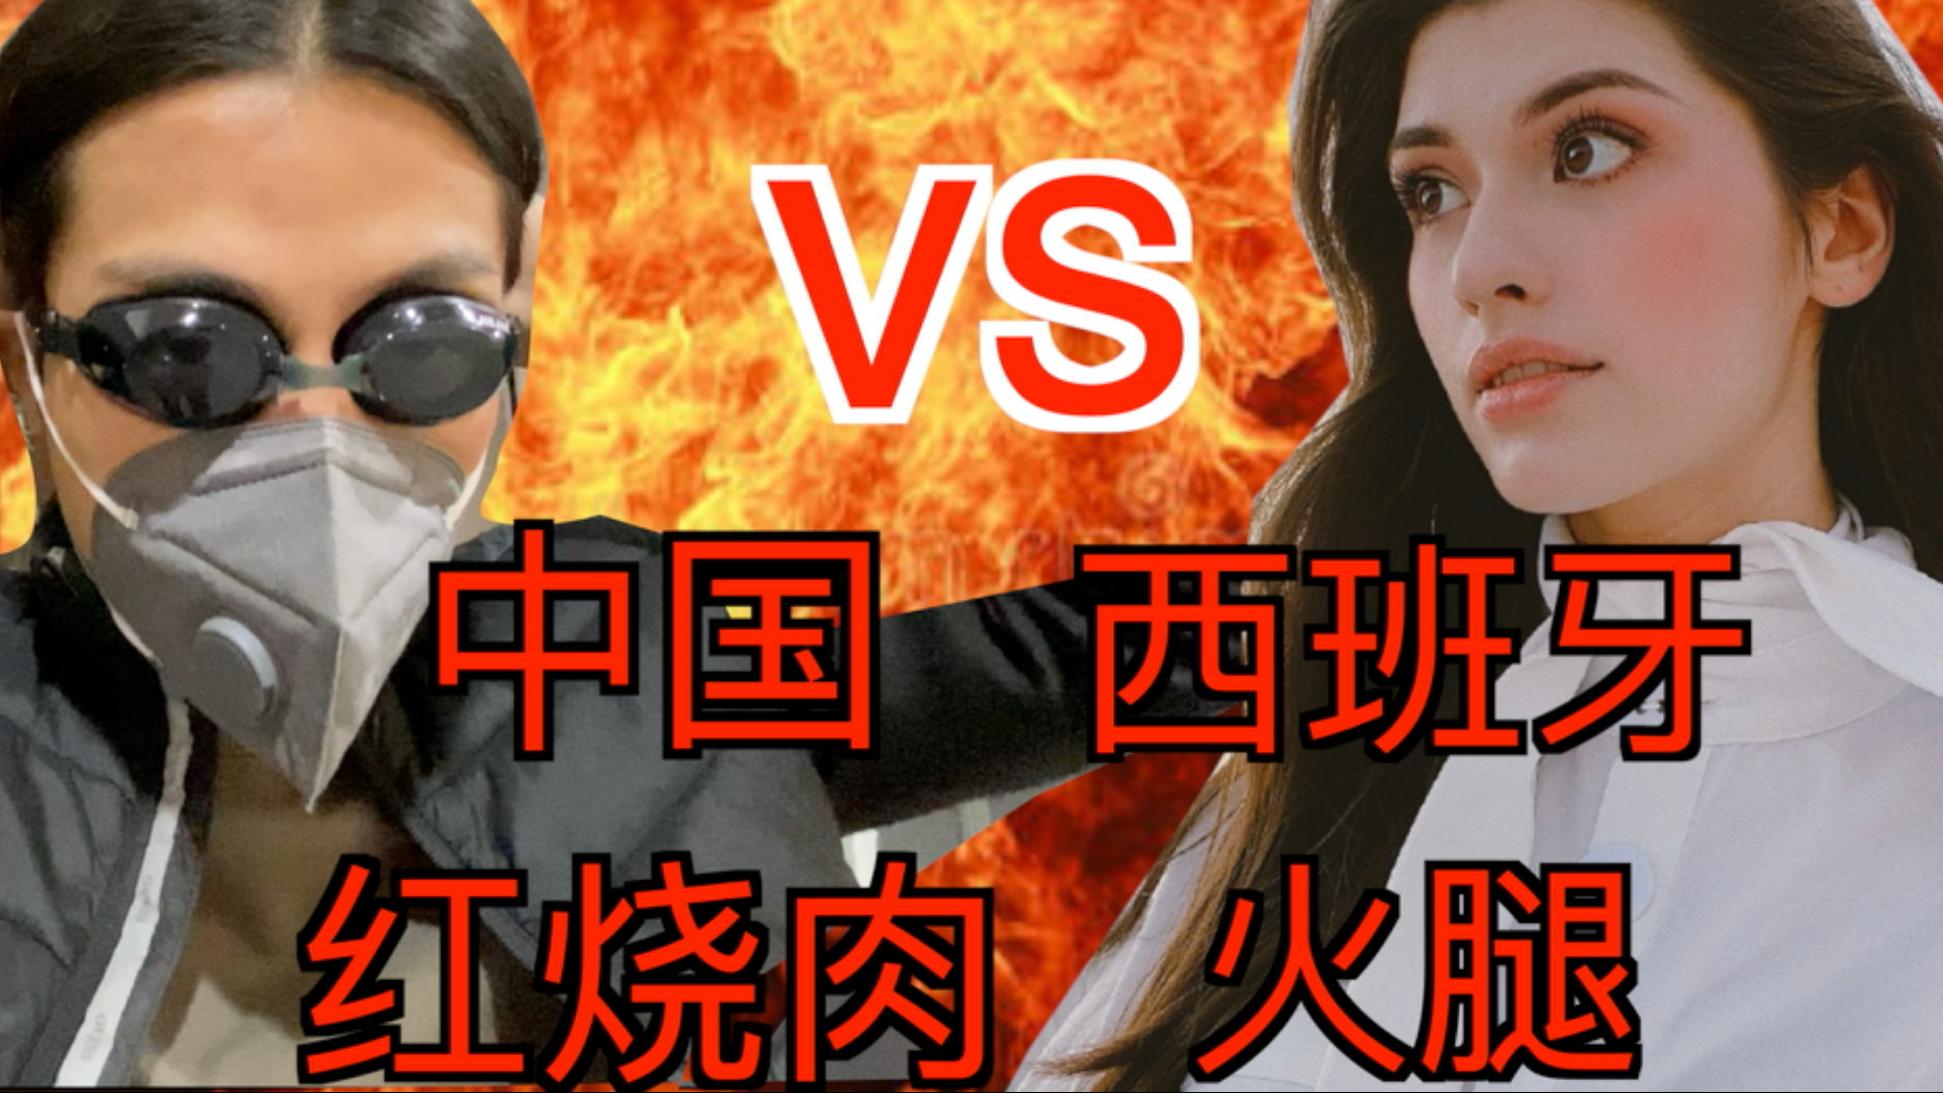 中国红烧肉VS西班牙火腿